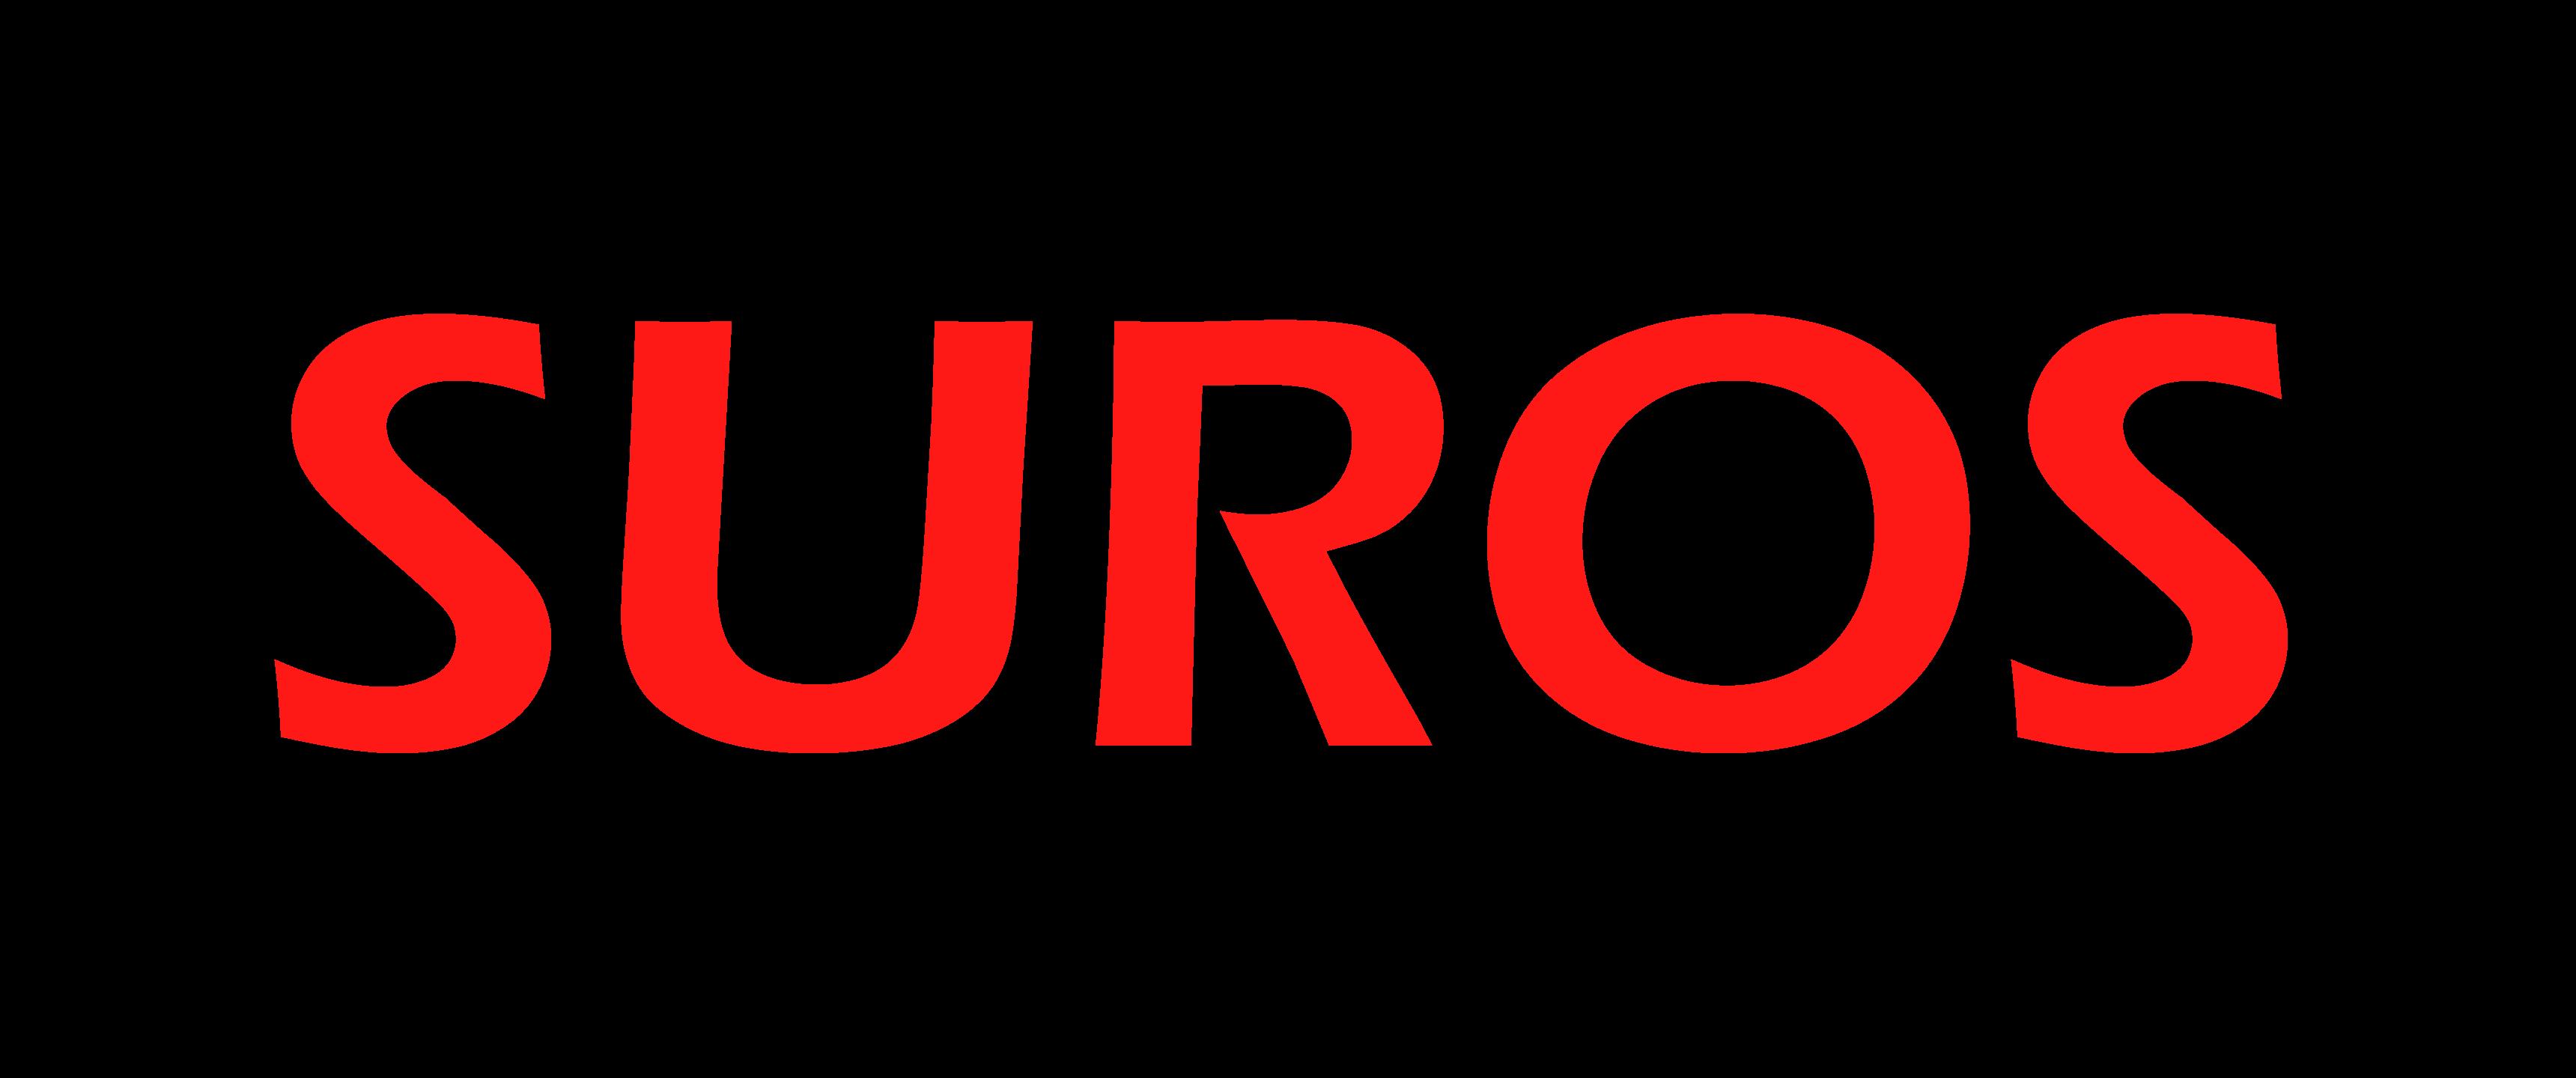 蘇羅士科技股份有限公司